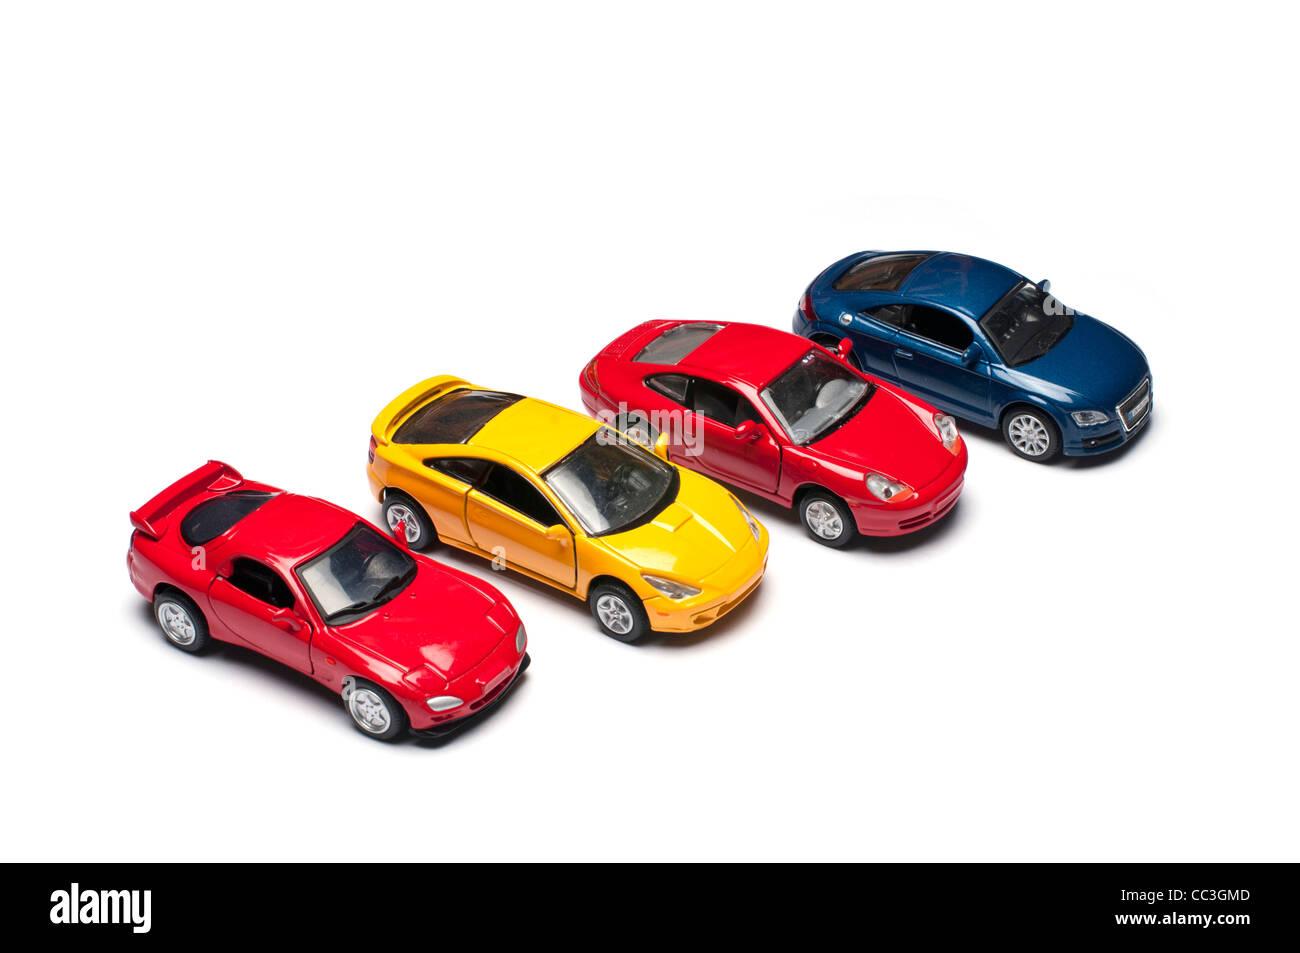 Cuatro coches deportivos de juguete Imagen De Stock